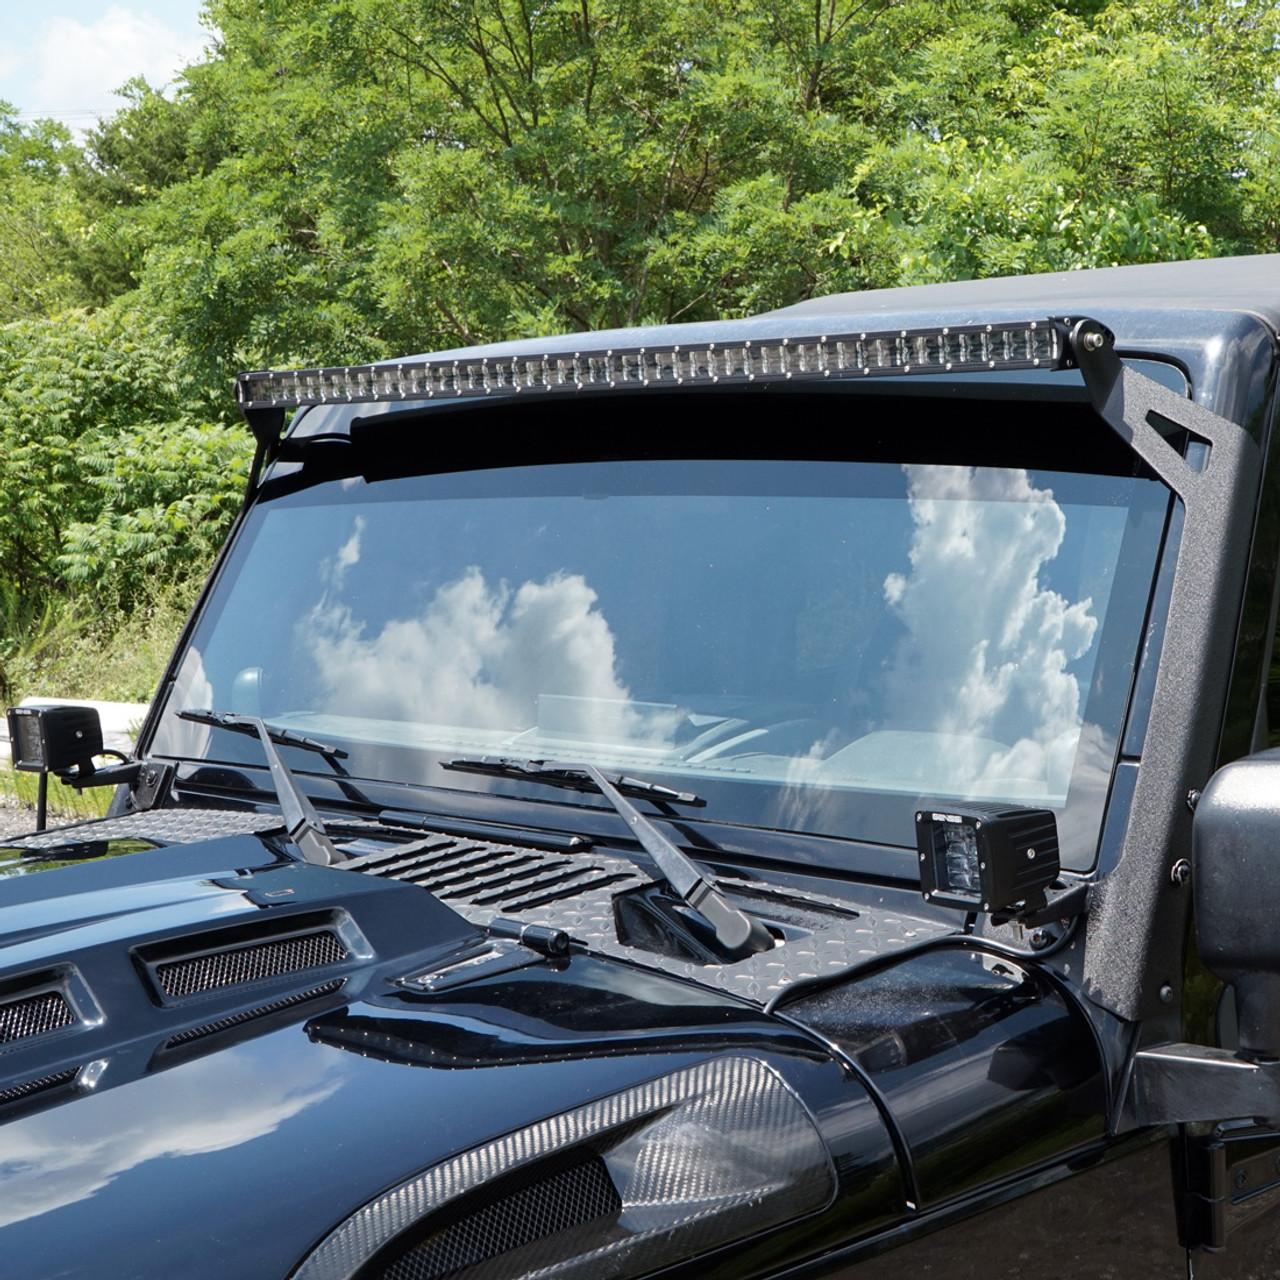 Led Light Bar Combo Kit With Aux Lights Bracket Wiring Harness Kit For Wrangler Jk 2007 2018